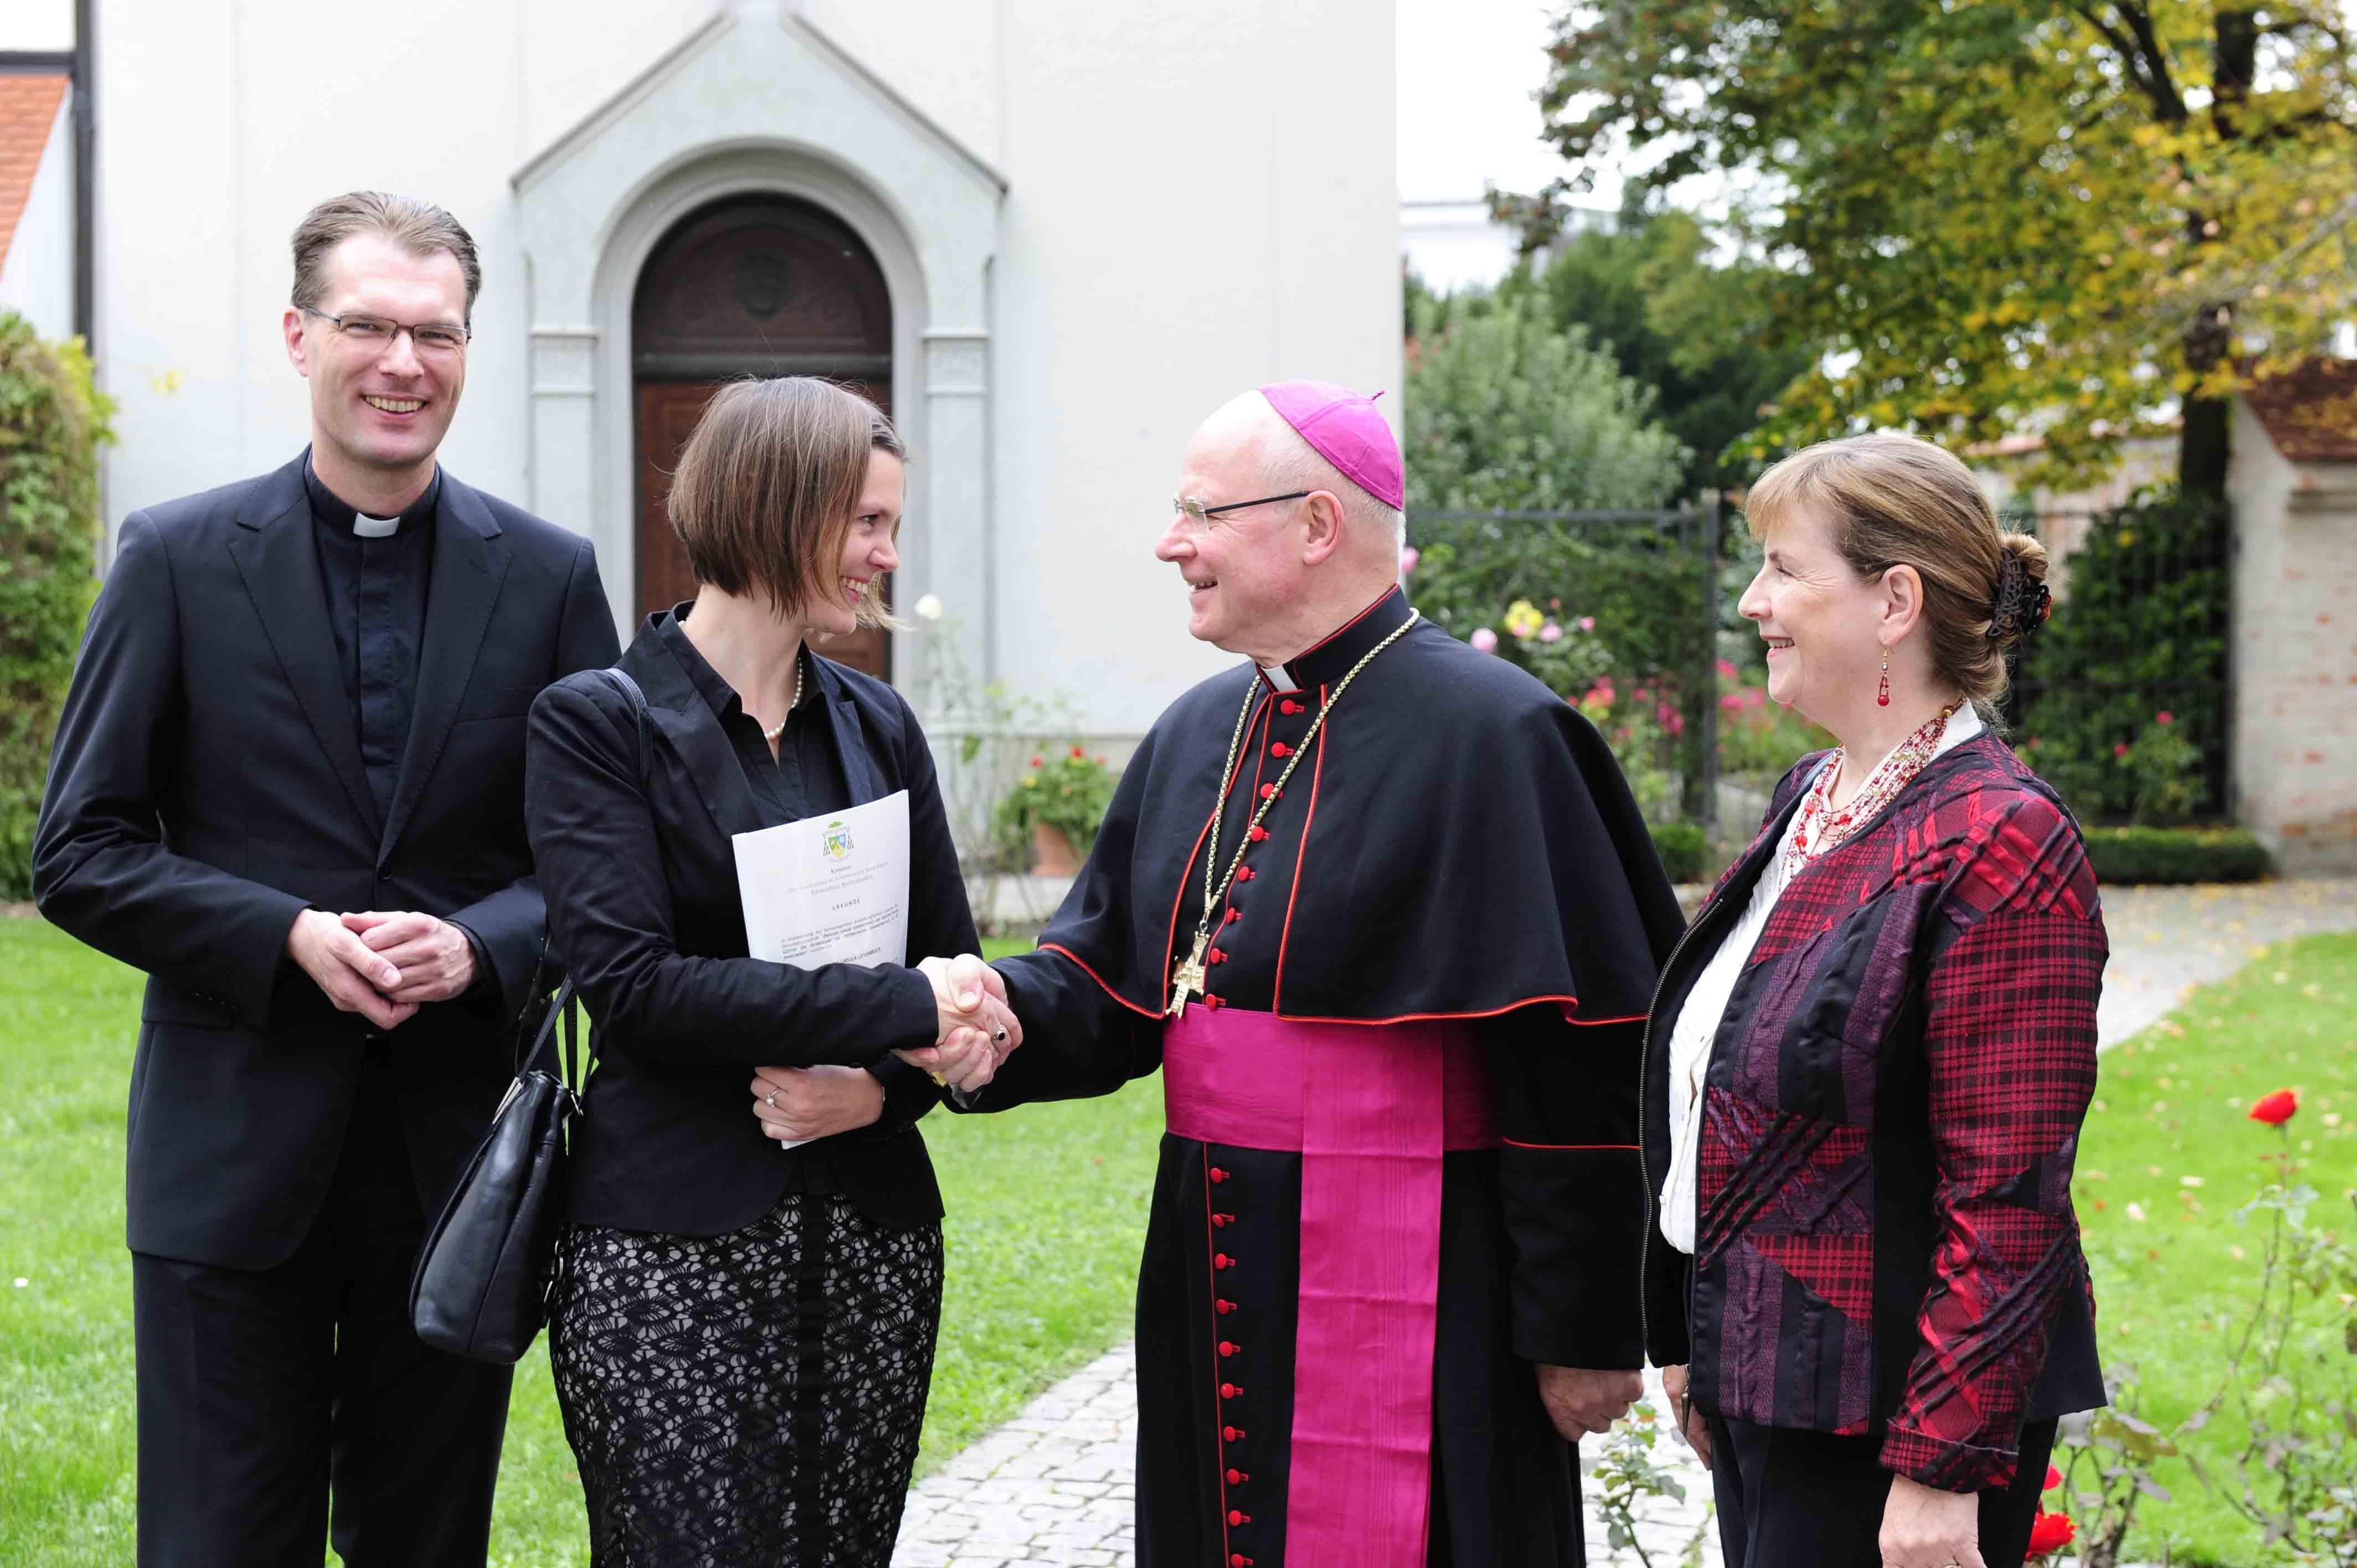 Herzliche Gratulation: Bischof Dr. Konrad Zdarsa gratuliert der Preisträgerin zusammen mit Prof. DDr. Thomas Marschler und Prof. Dr. Gerda Riedl. (Foto: Michel/pba)